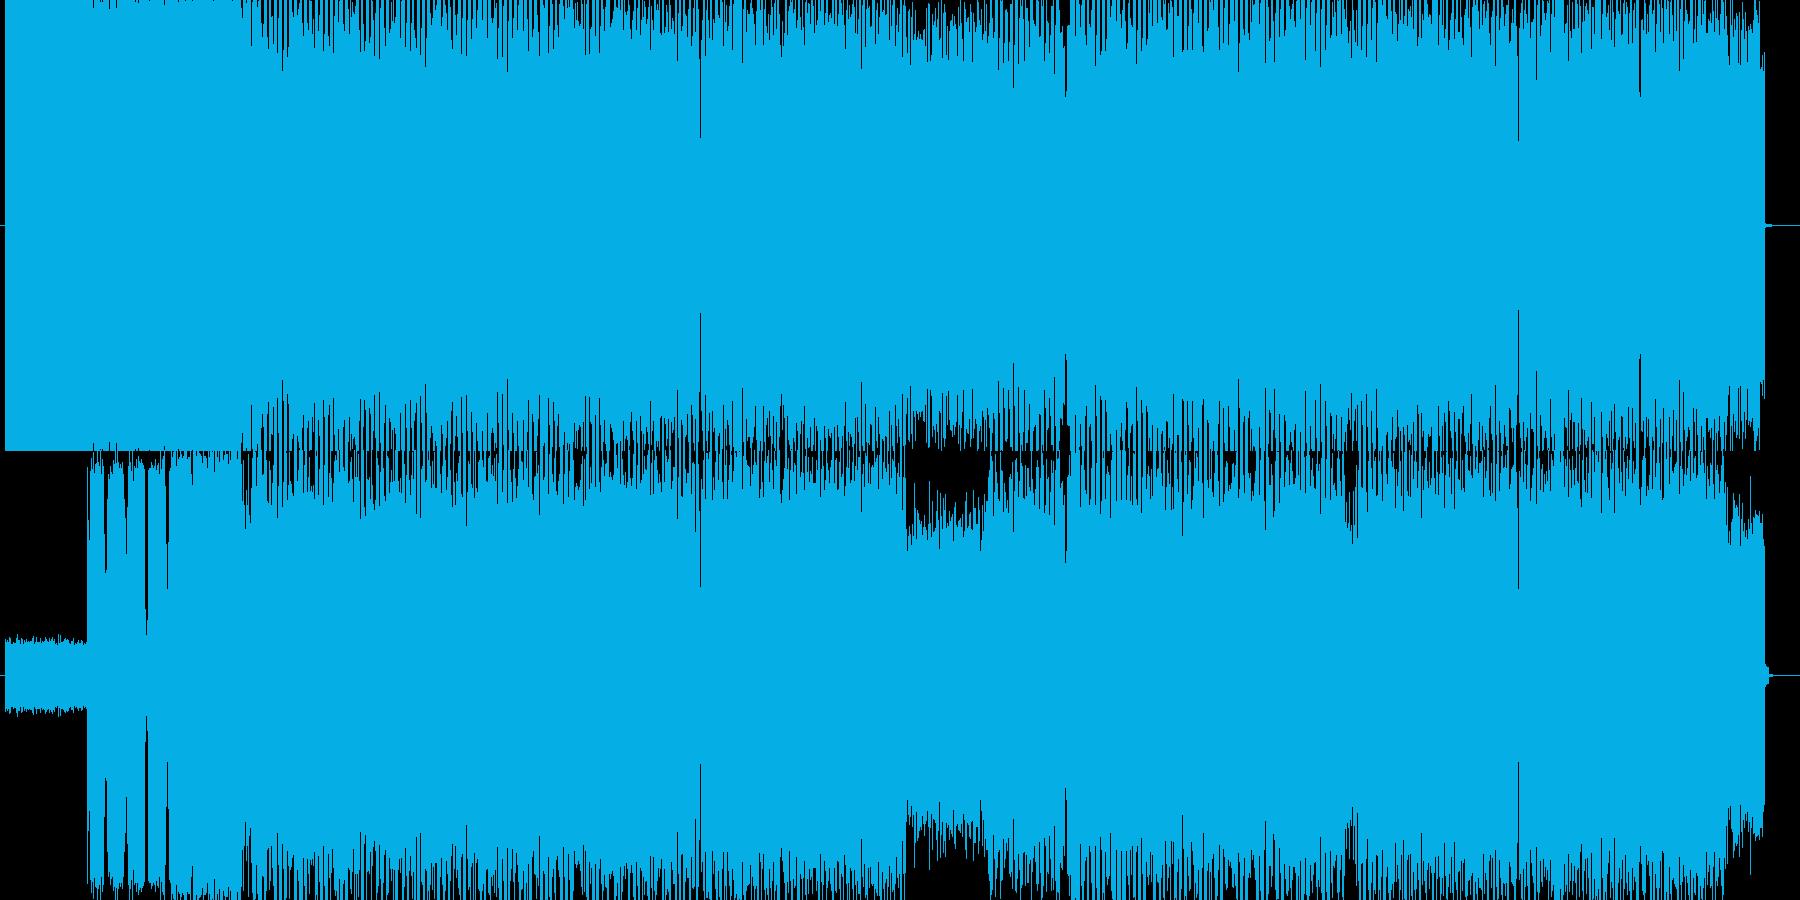 攻撃的な戦闘シーンのデジタルテクノロックの再生済みの波形